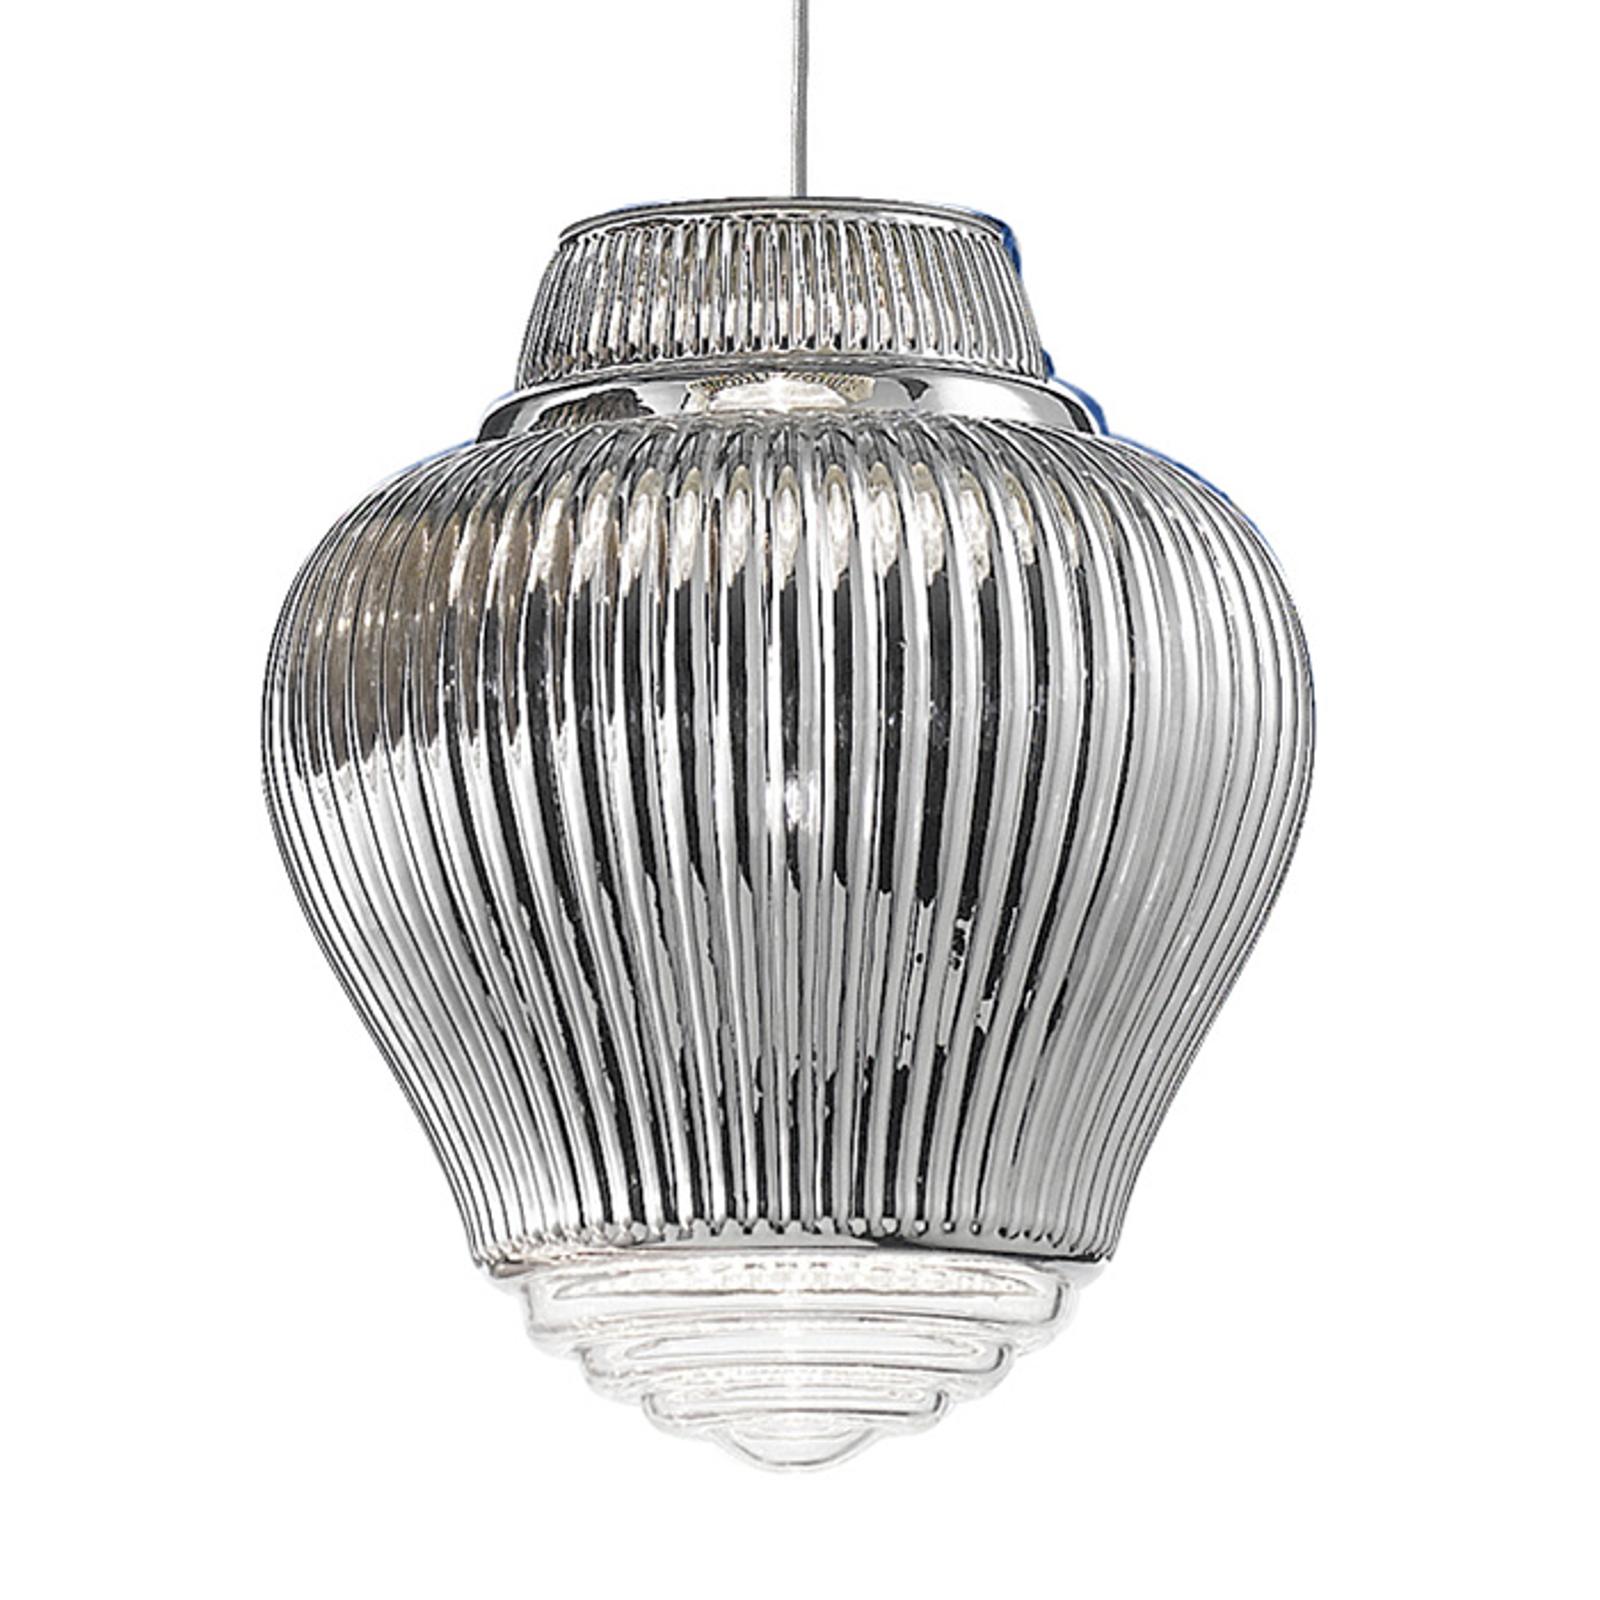 Hanglamp Clyde 130 cm zilver metallic